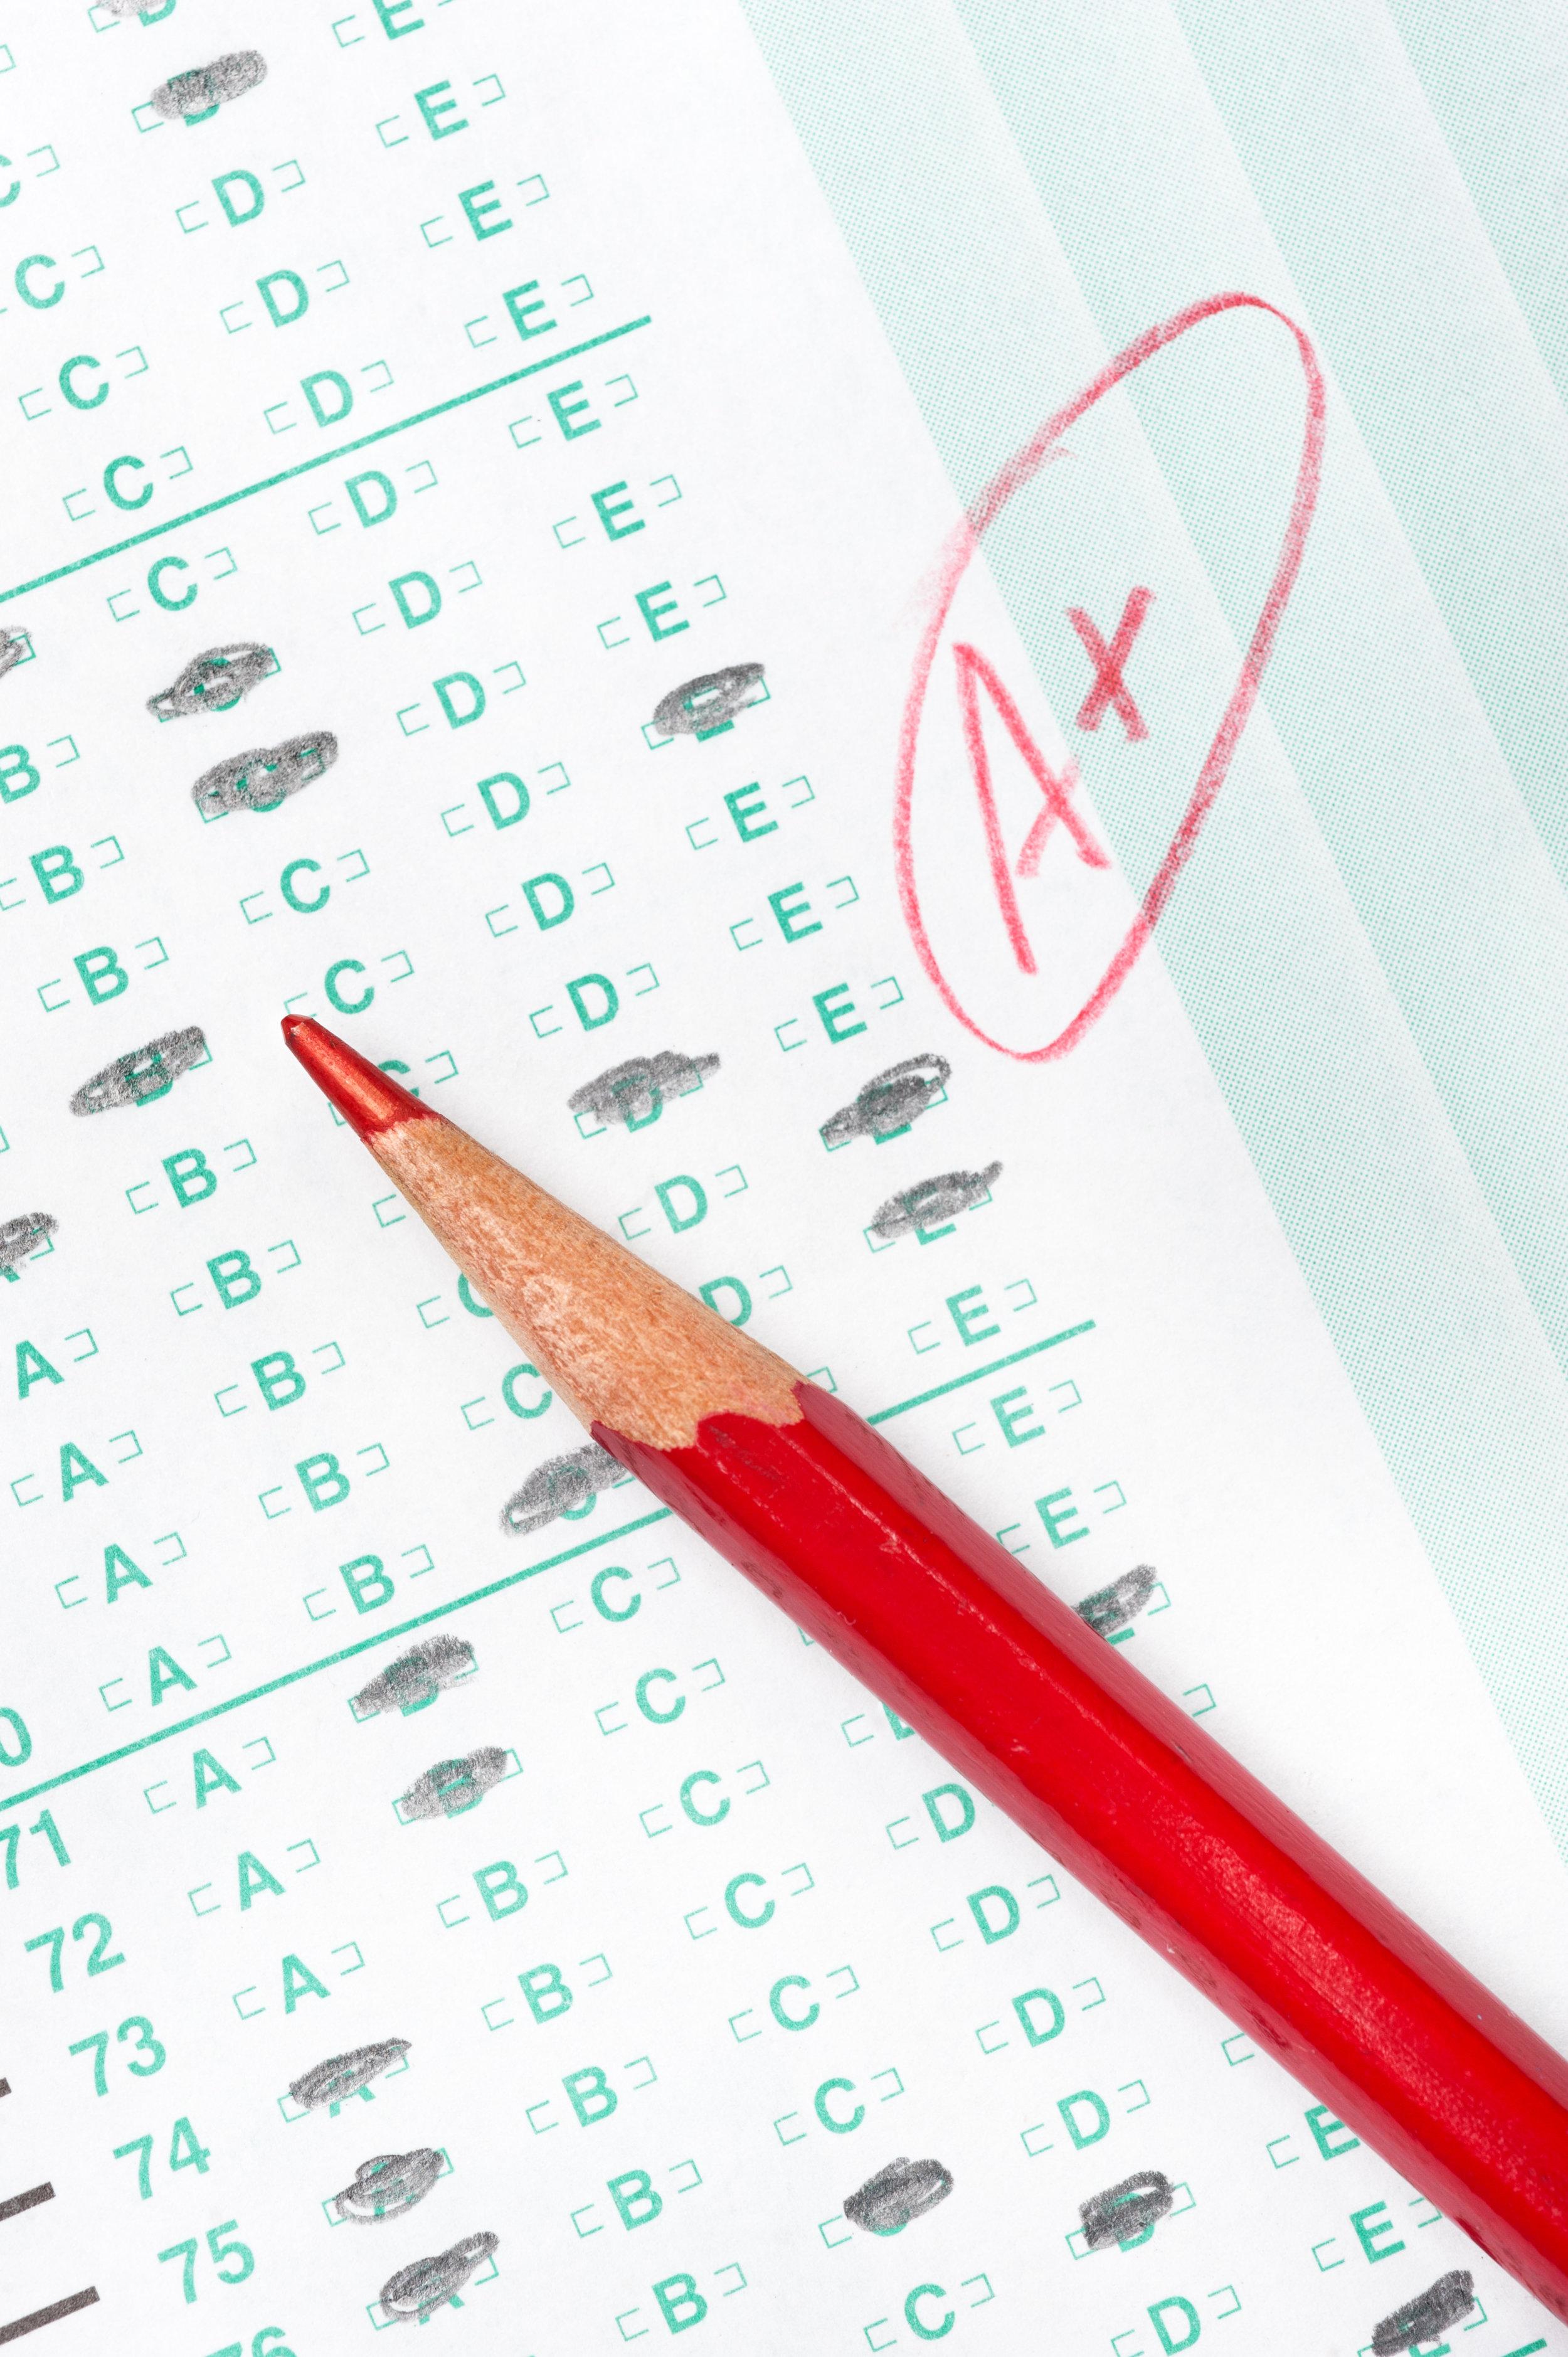 graded-test-form-3PZJUBG.jpg